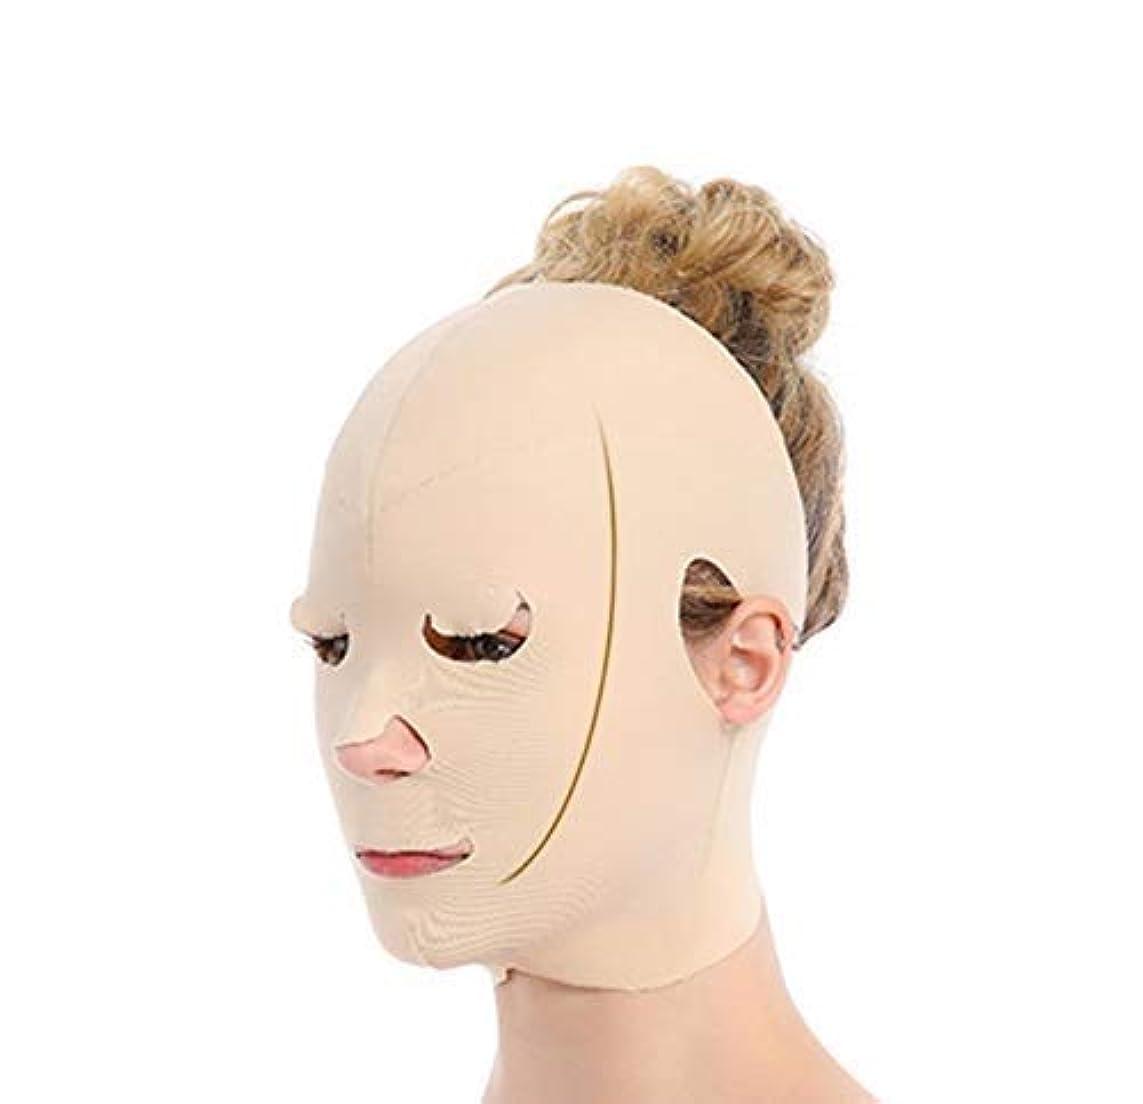 鉛筆入場統合小さな顔ツールV顔包帯薄い顔美容マスク怠zyな睡眠マスク男性と女性V顔包帯整形リフティングファーミングフェイスシンダブルチン